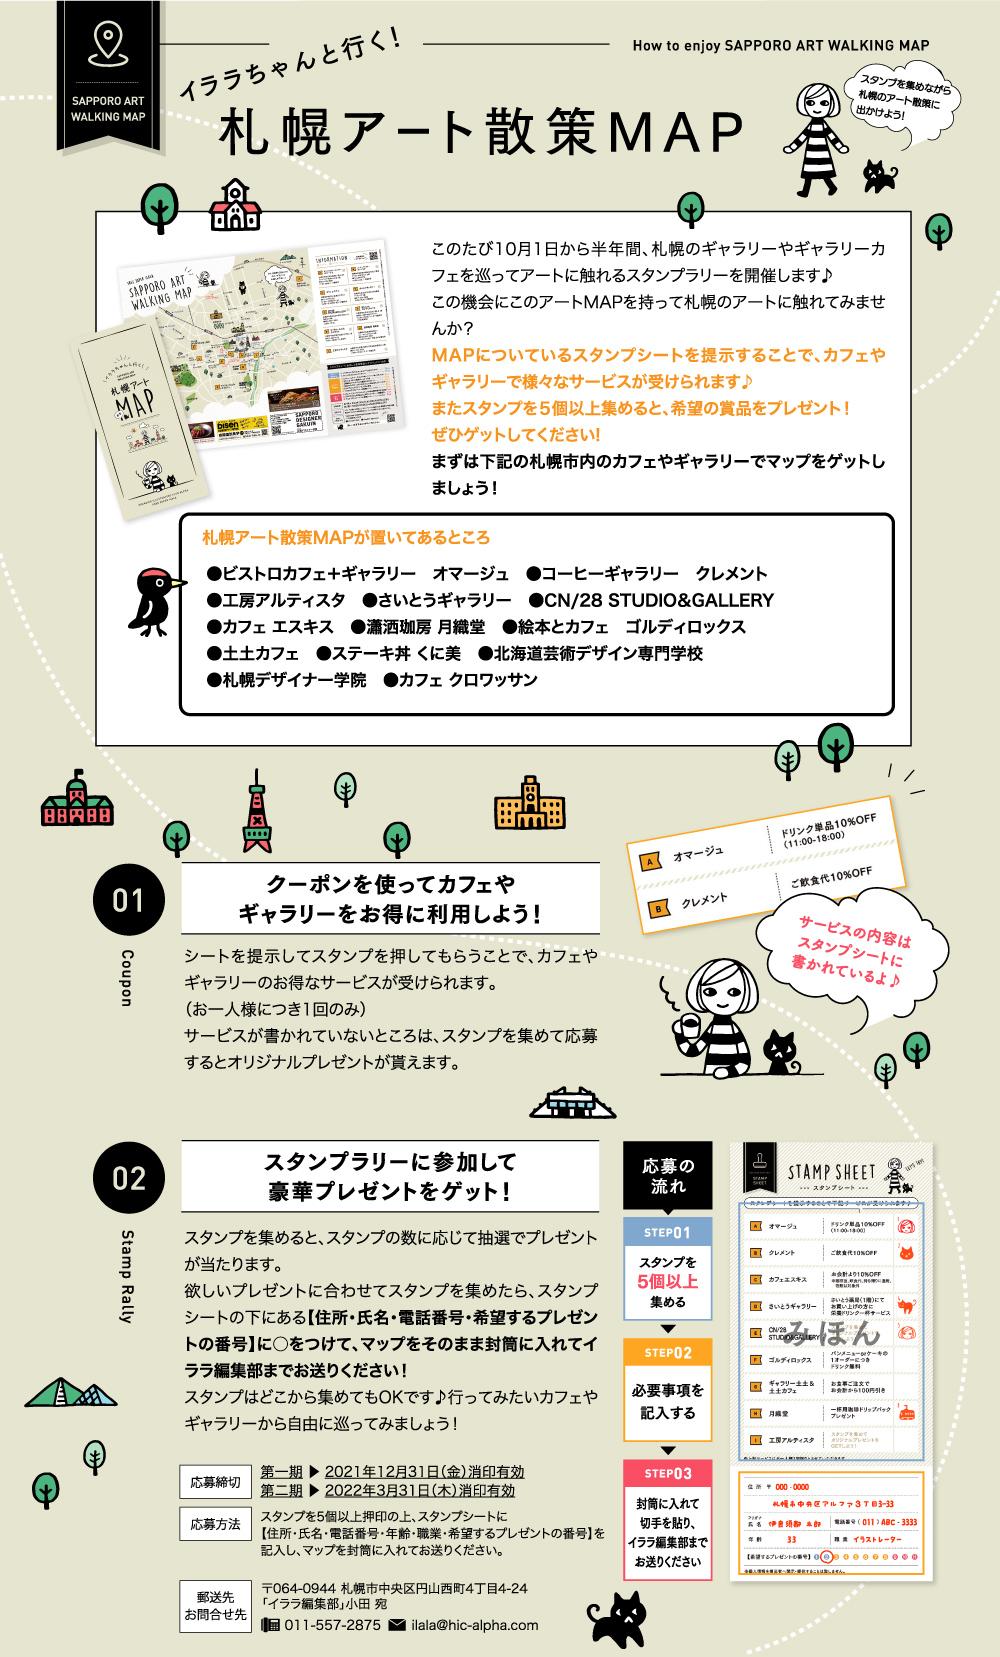 札幌アート散策MAP